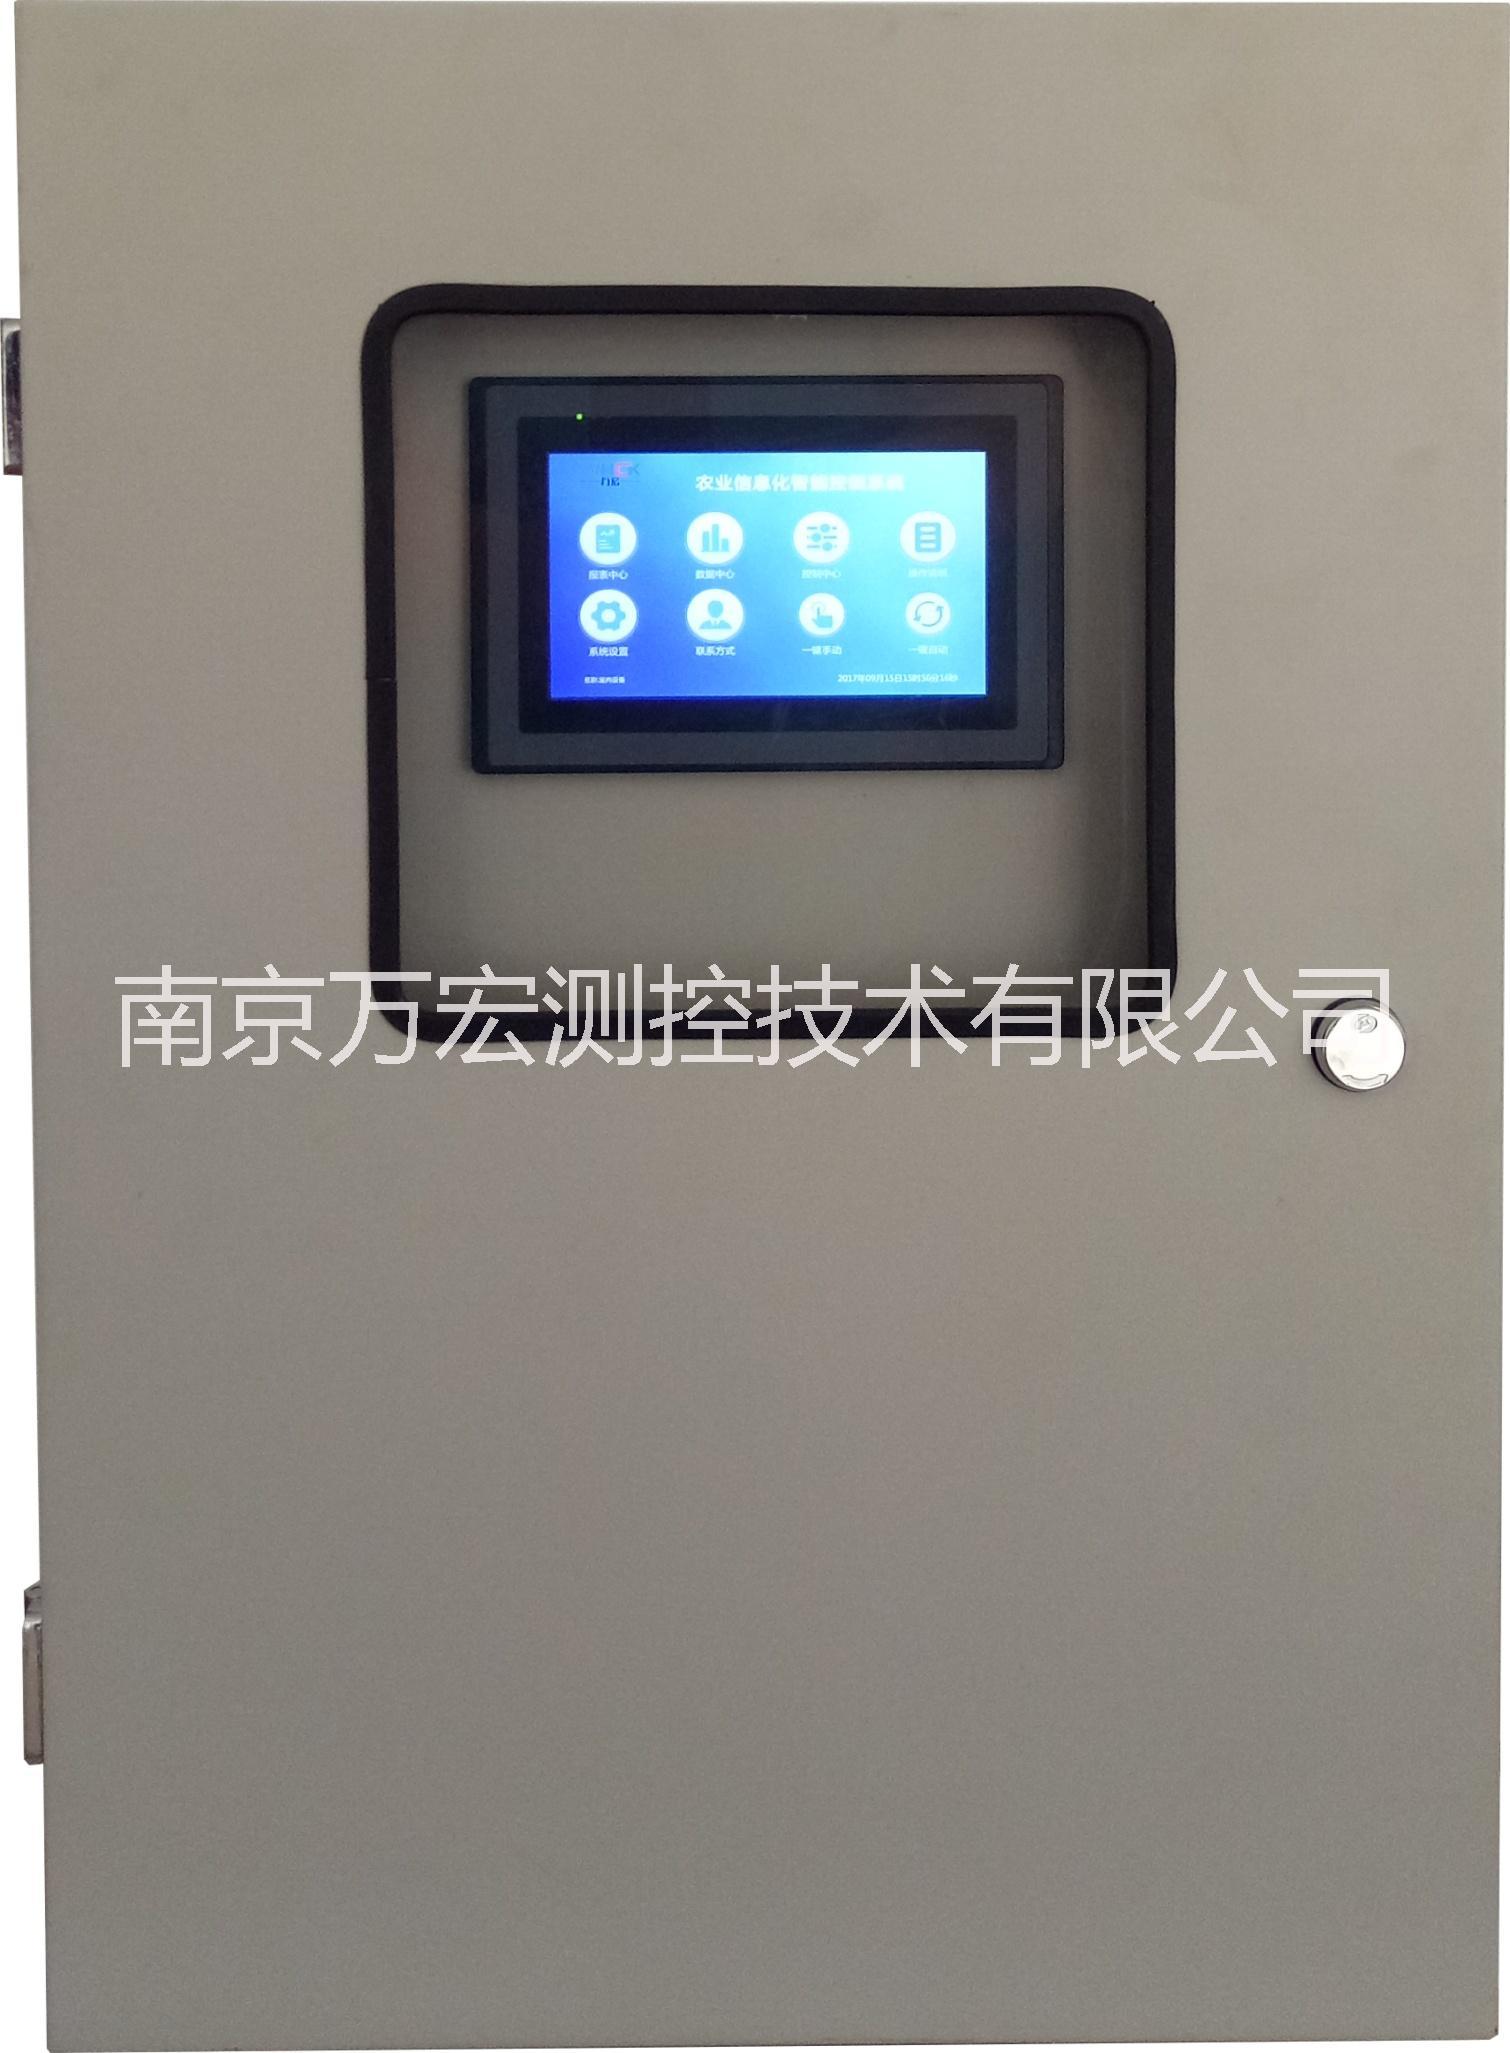 农业智能温室价格 智能温室控制器 哈尔滨温室控制器